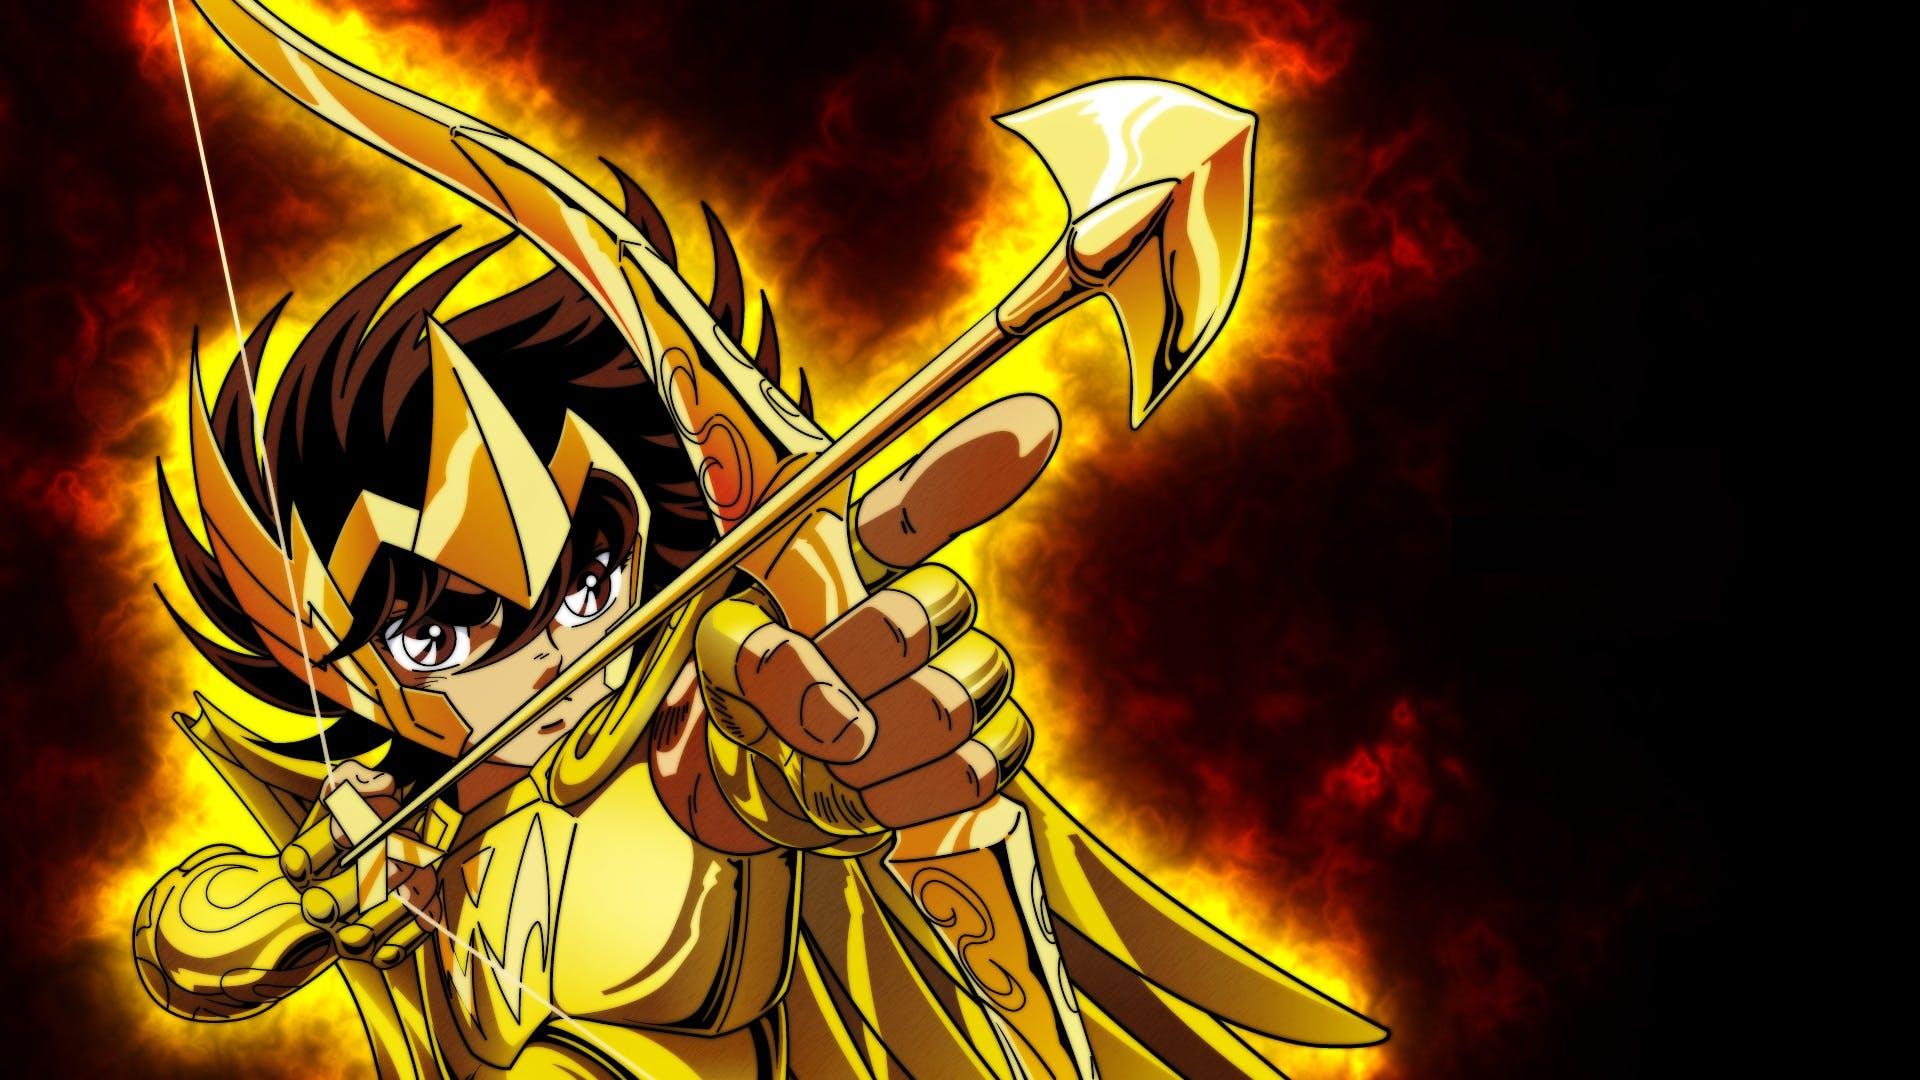 Papel de parede cavaleiros do zodiaco seiya com armadura de ouro de sargitario 36197  c pia